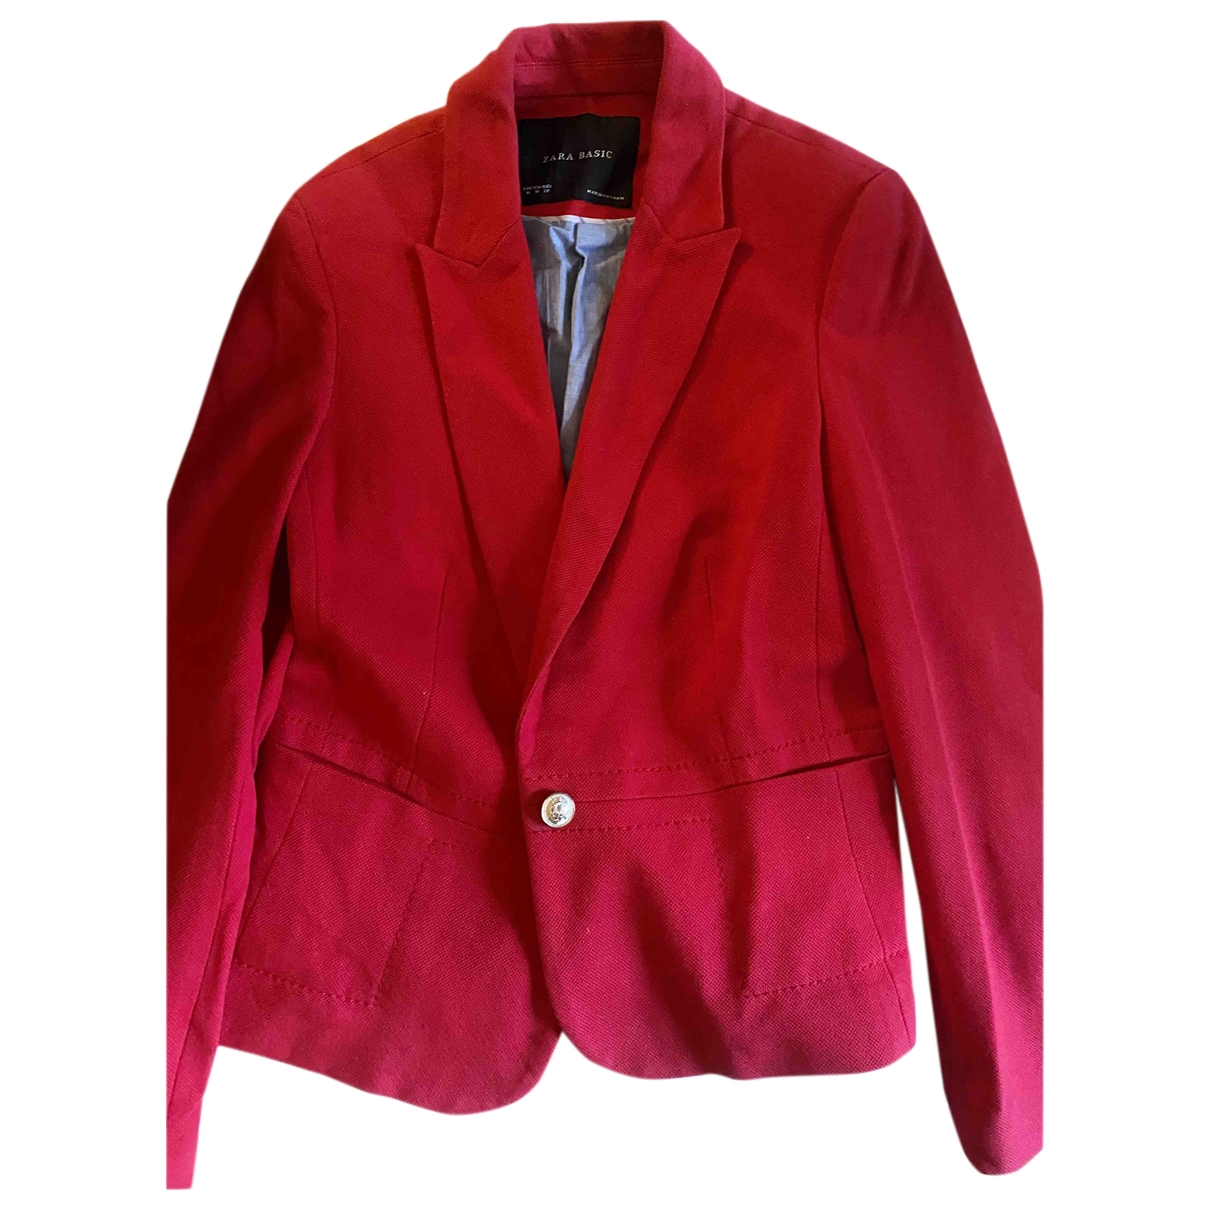 Zara \N Red Tweed jacket for Women M International